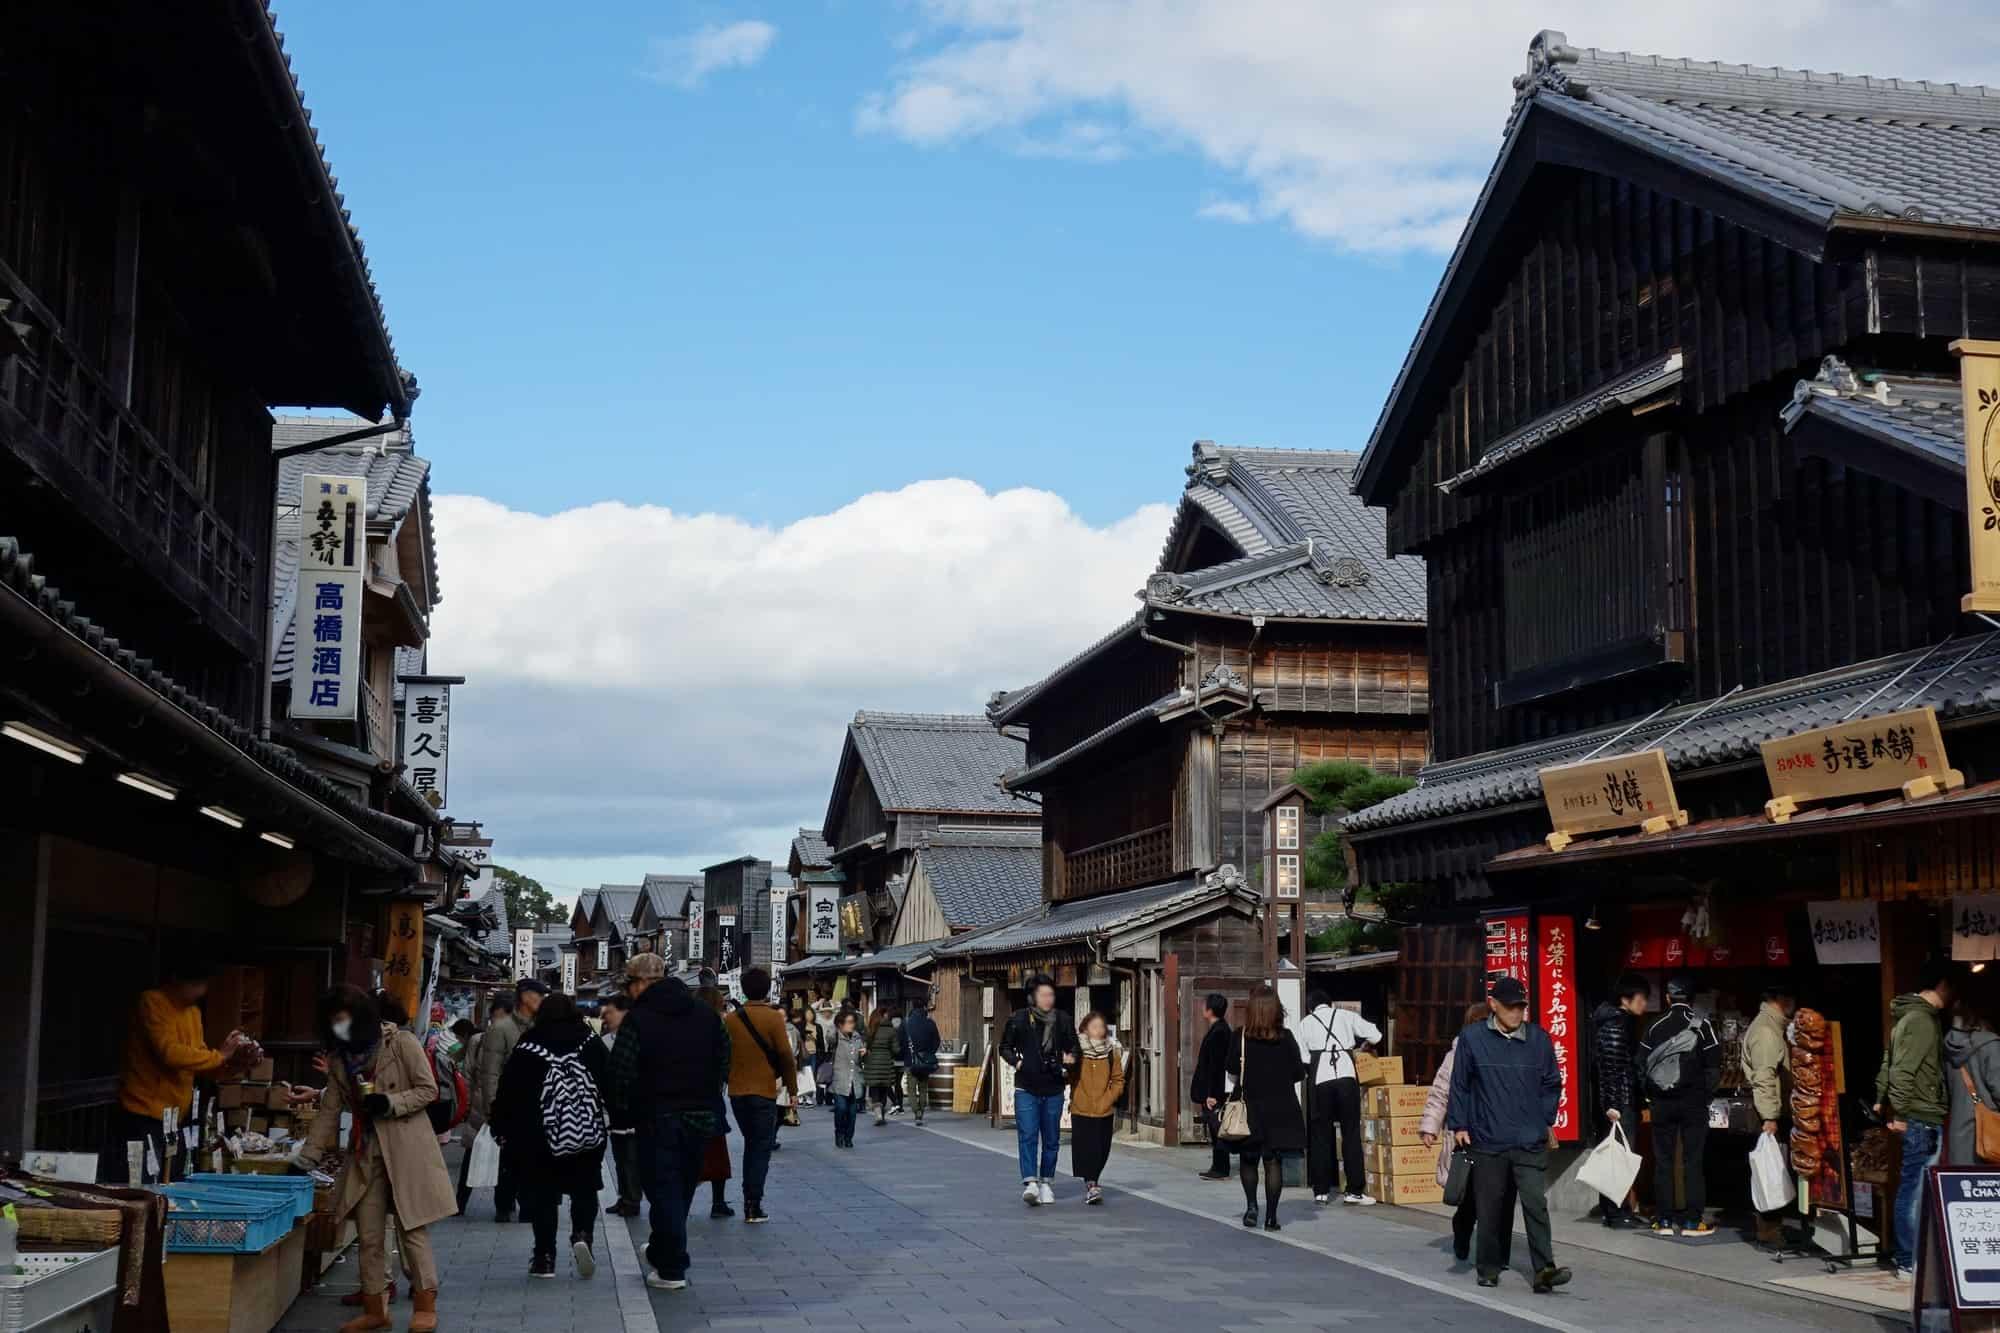 ที่เที่ยว มิเอะ (Mie) : ตลาดโอคาเกะ (Okage Yokocho Ancient Street)